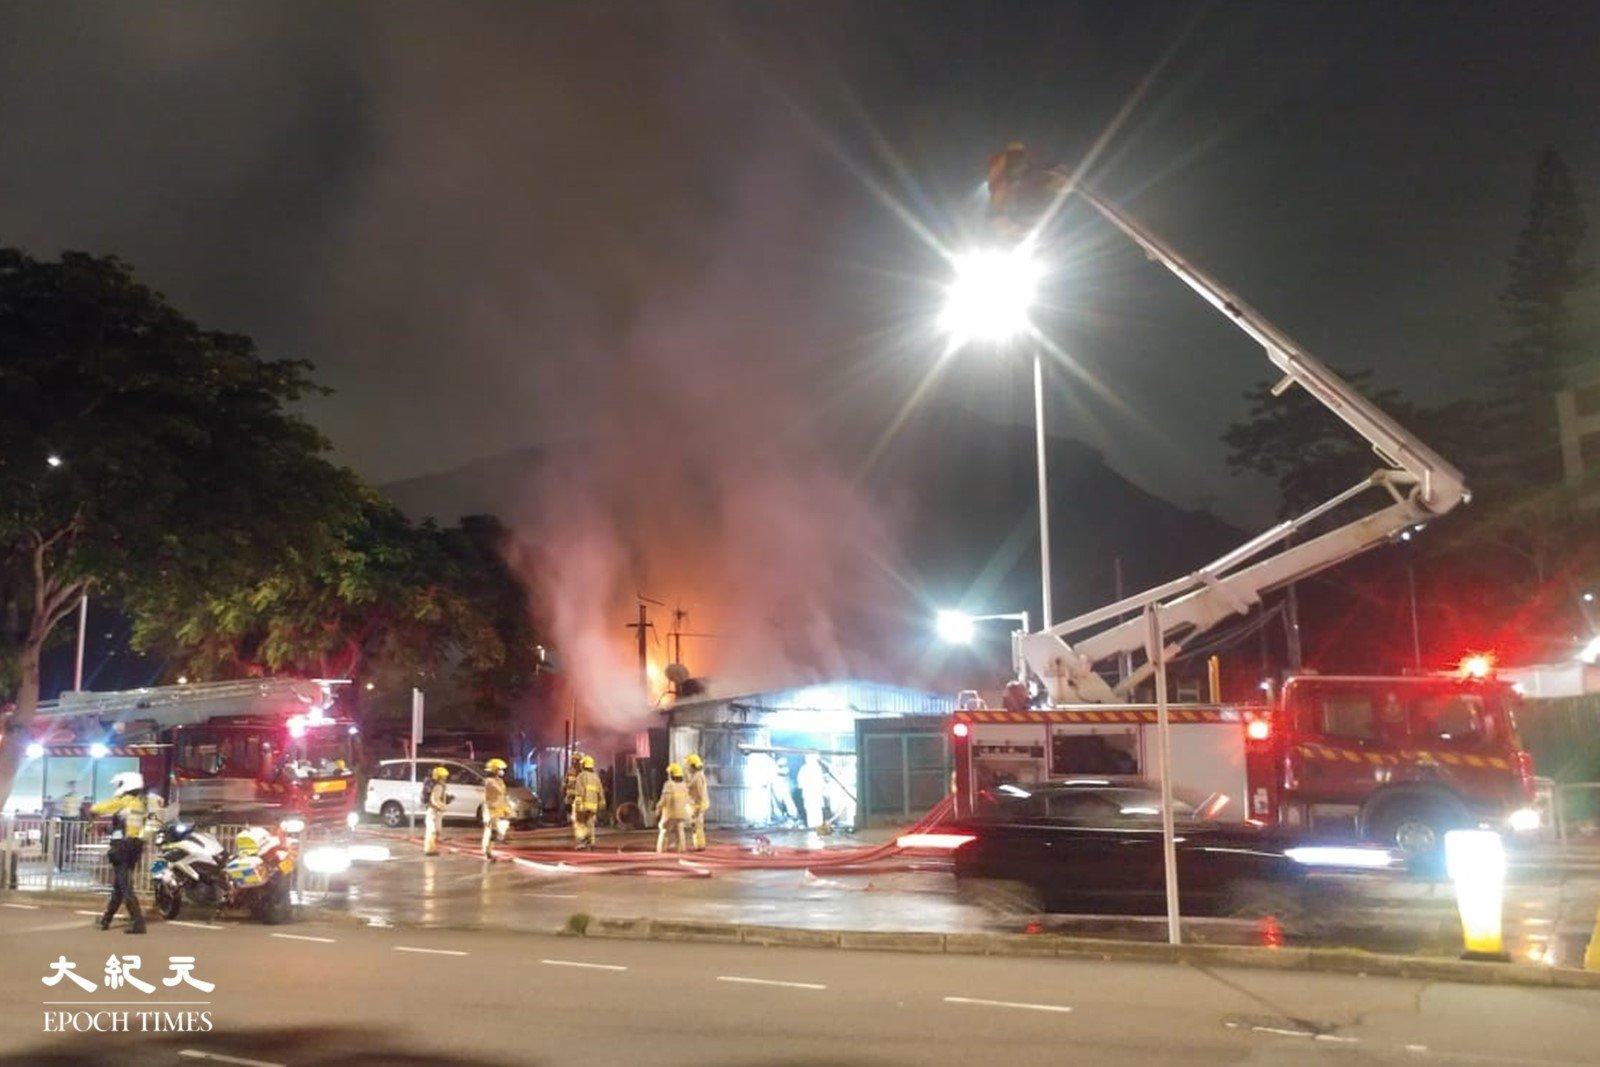 黃竹坑道新圍村今晚19:36發生火警,截至21:05火警已經救熄。(讀者提供)